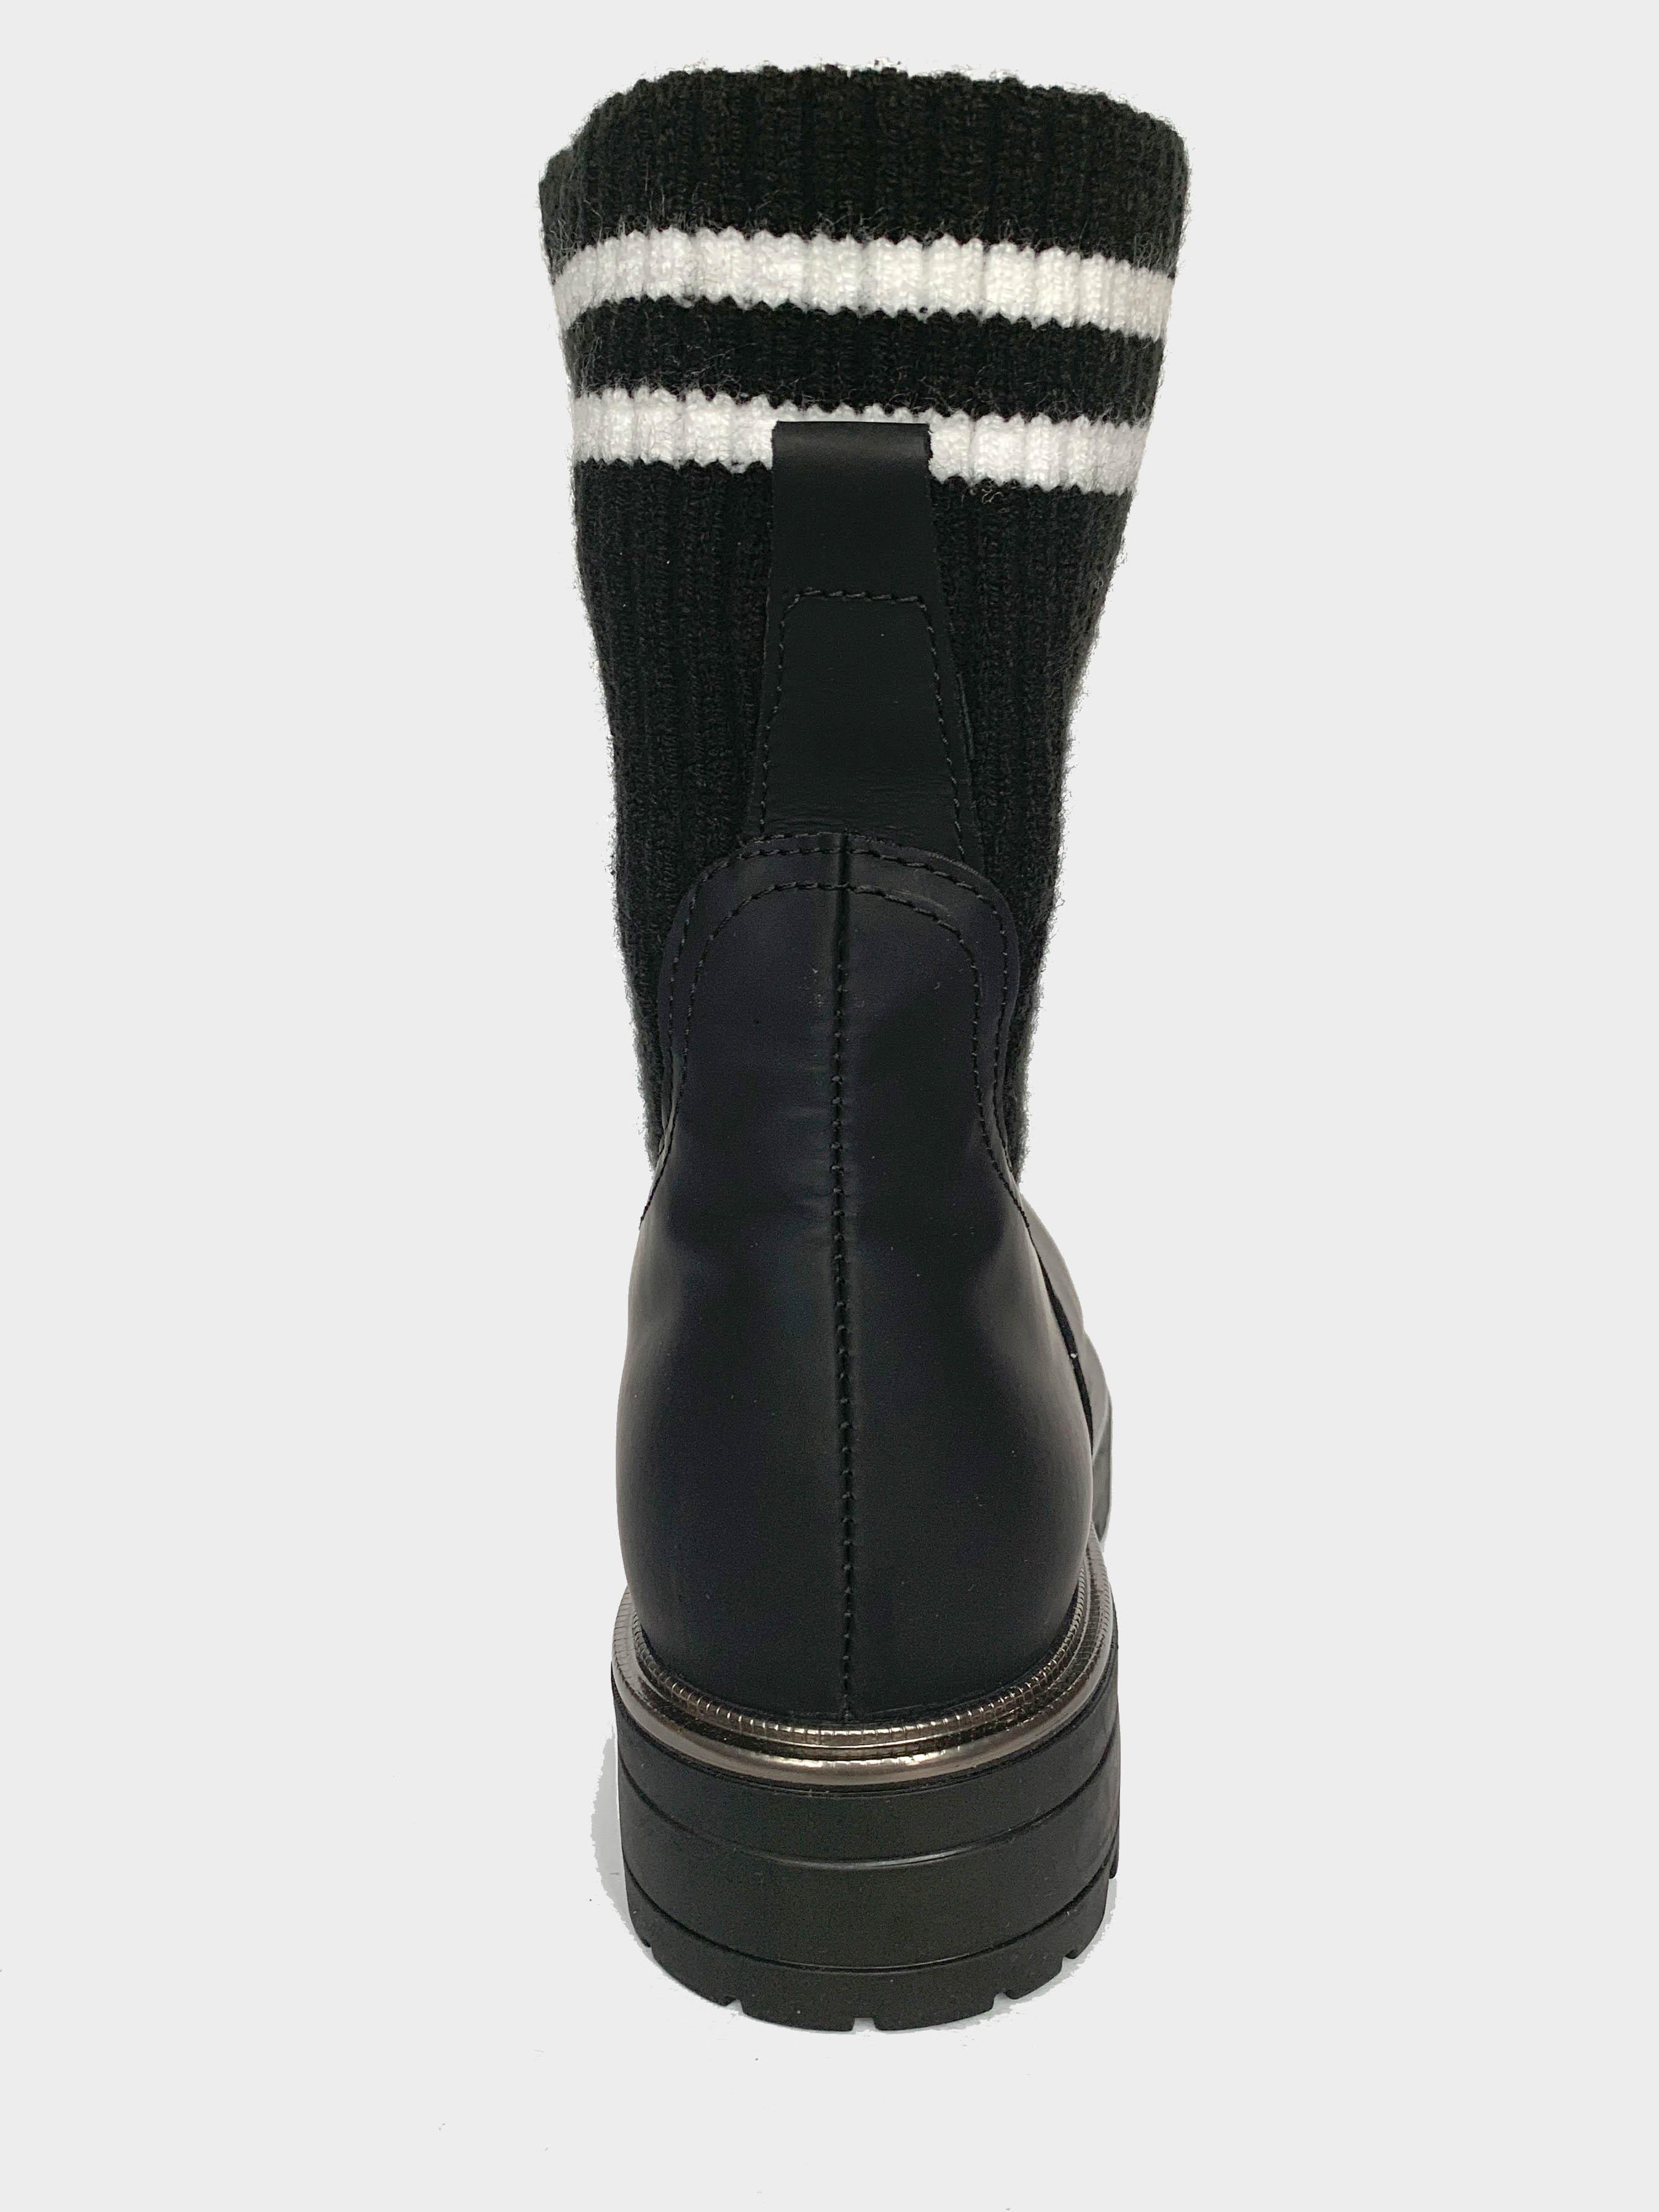 Ботинки детские Carol Black Matt 198-1M брендовая обувь, 2017